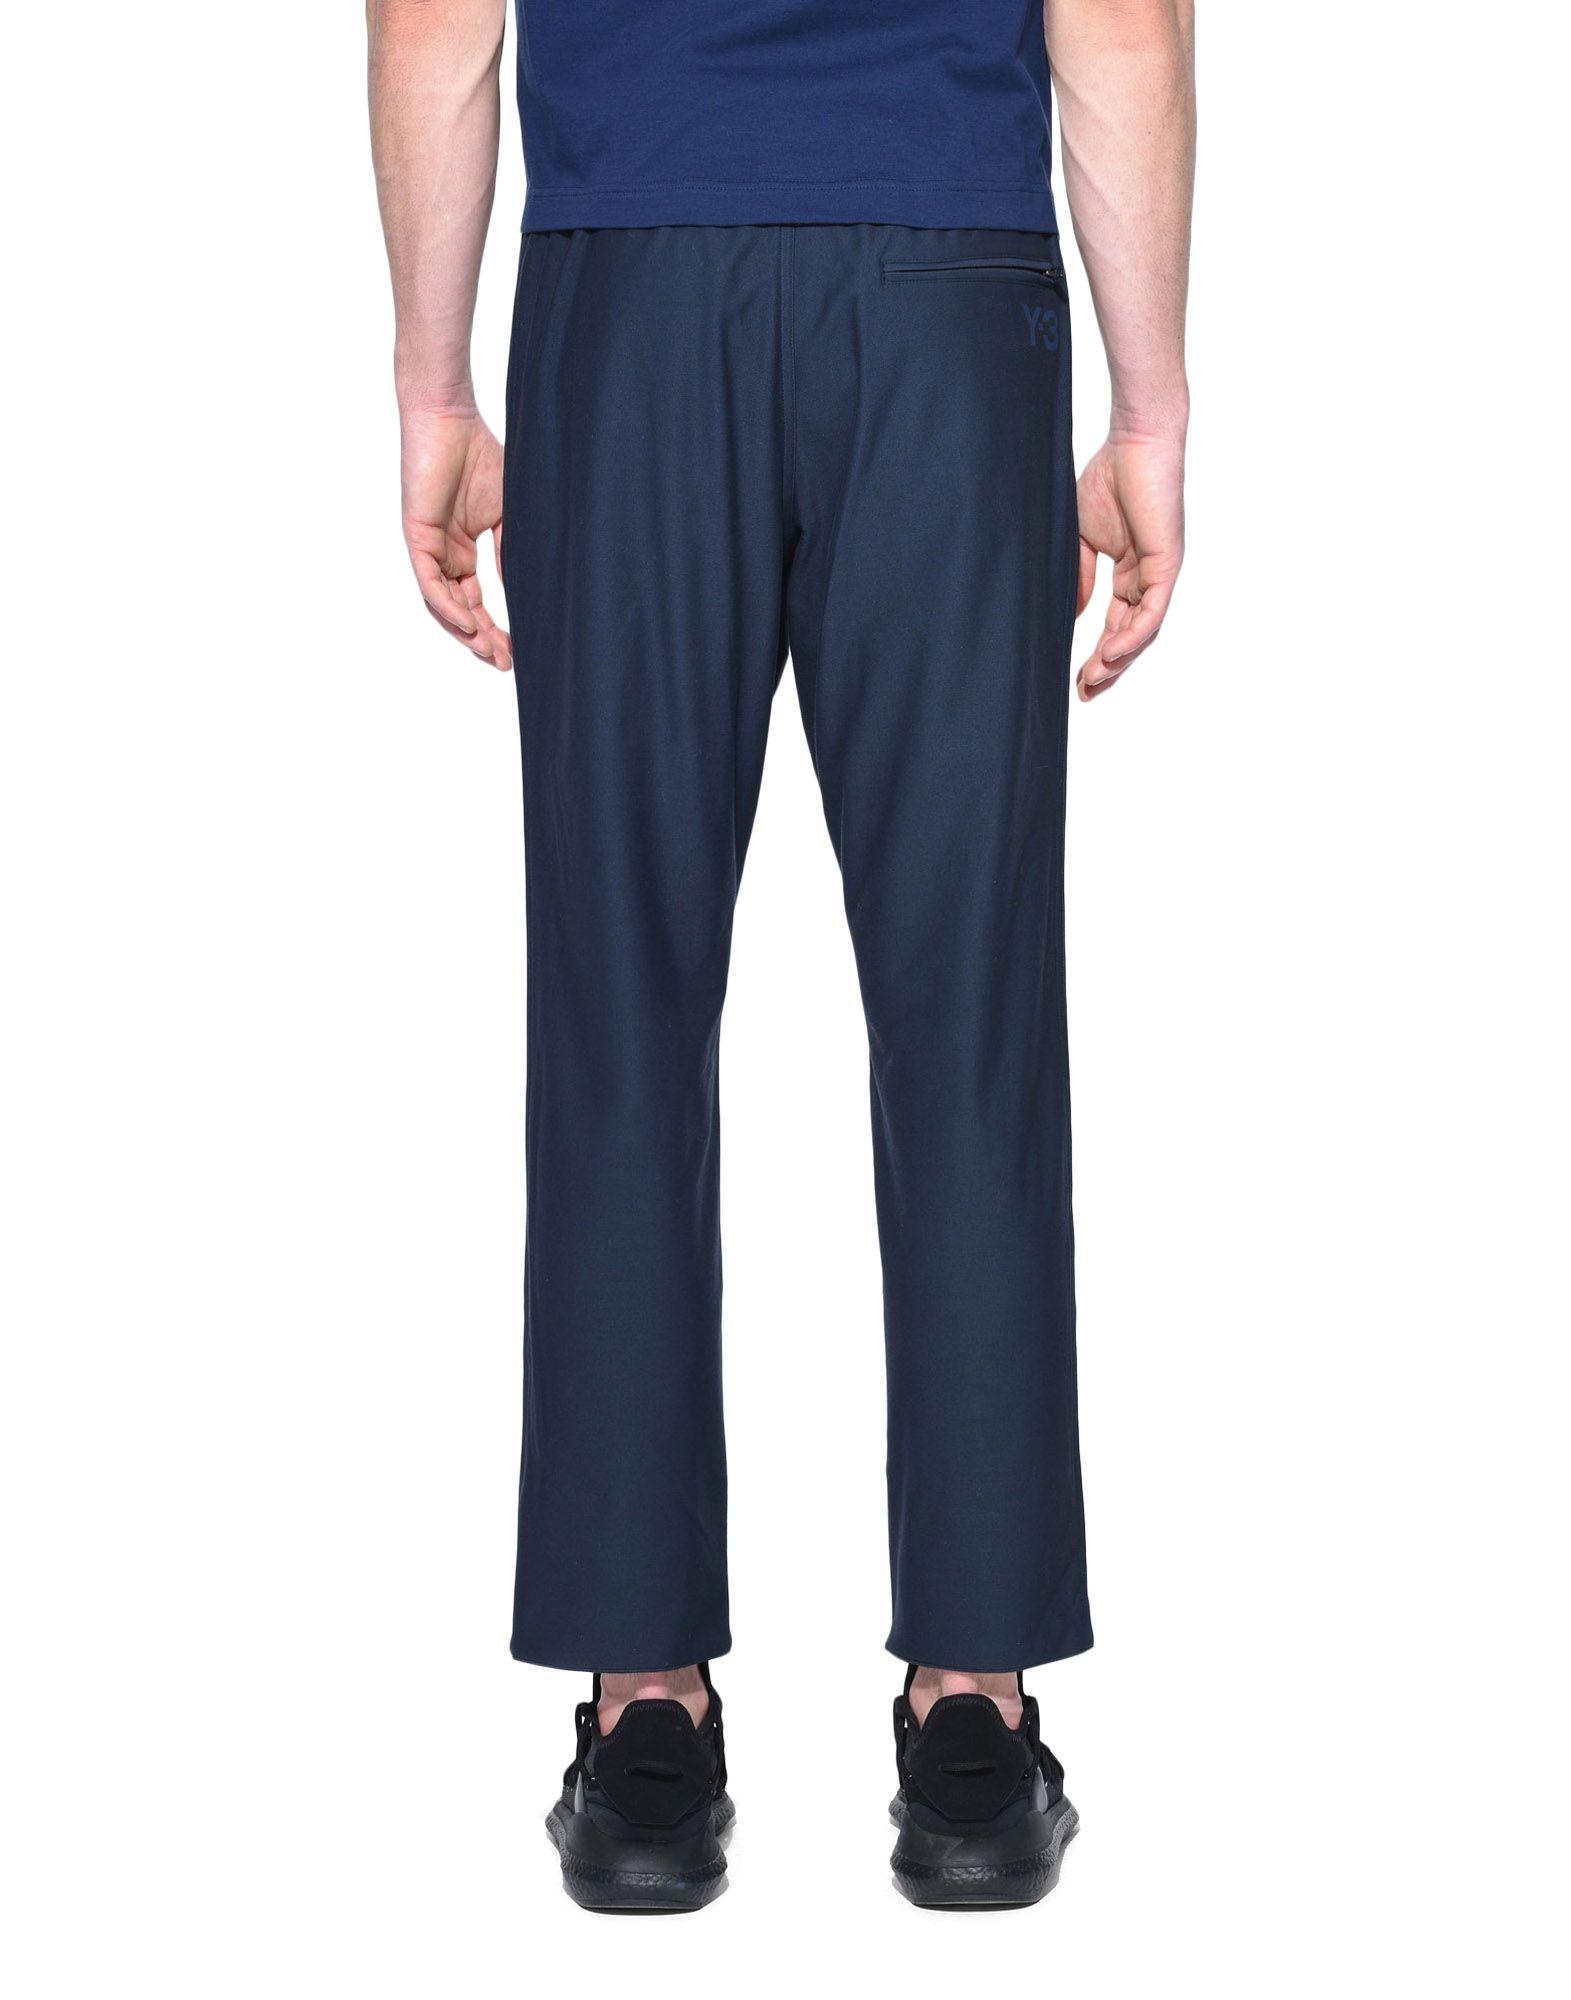 Y-3 Y-3 Twill Cropped Pants dreiviertellange Hose Herren d